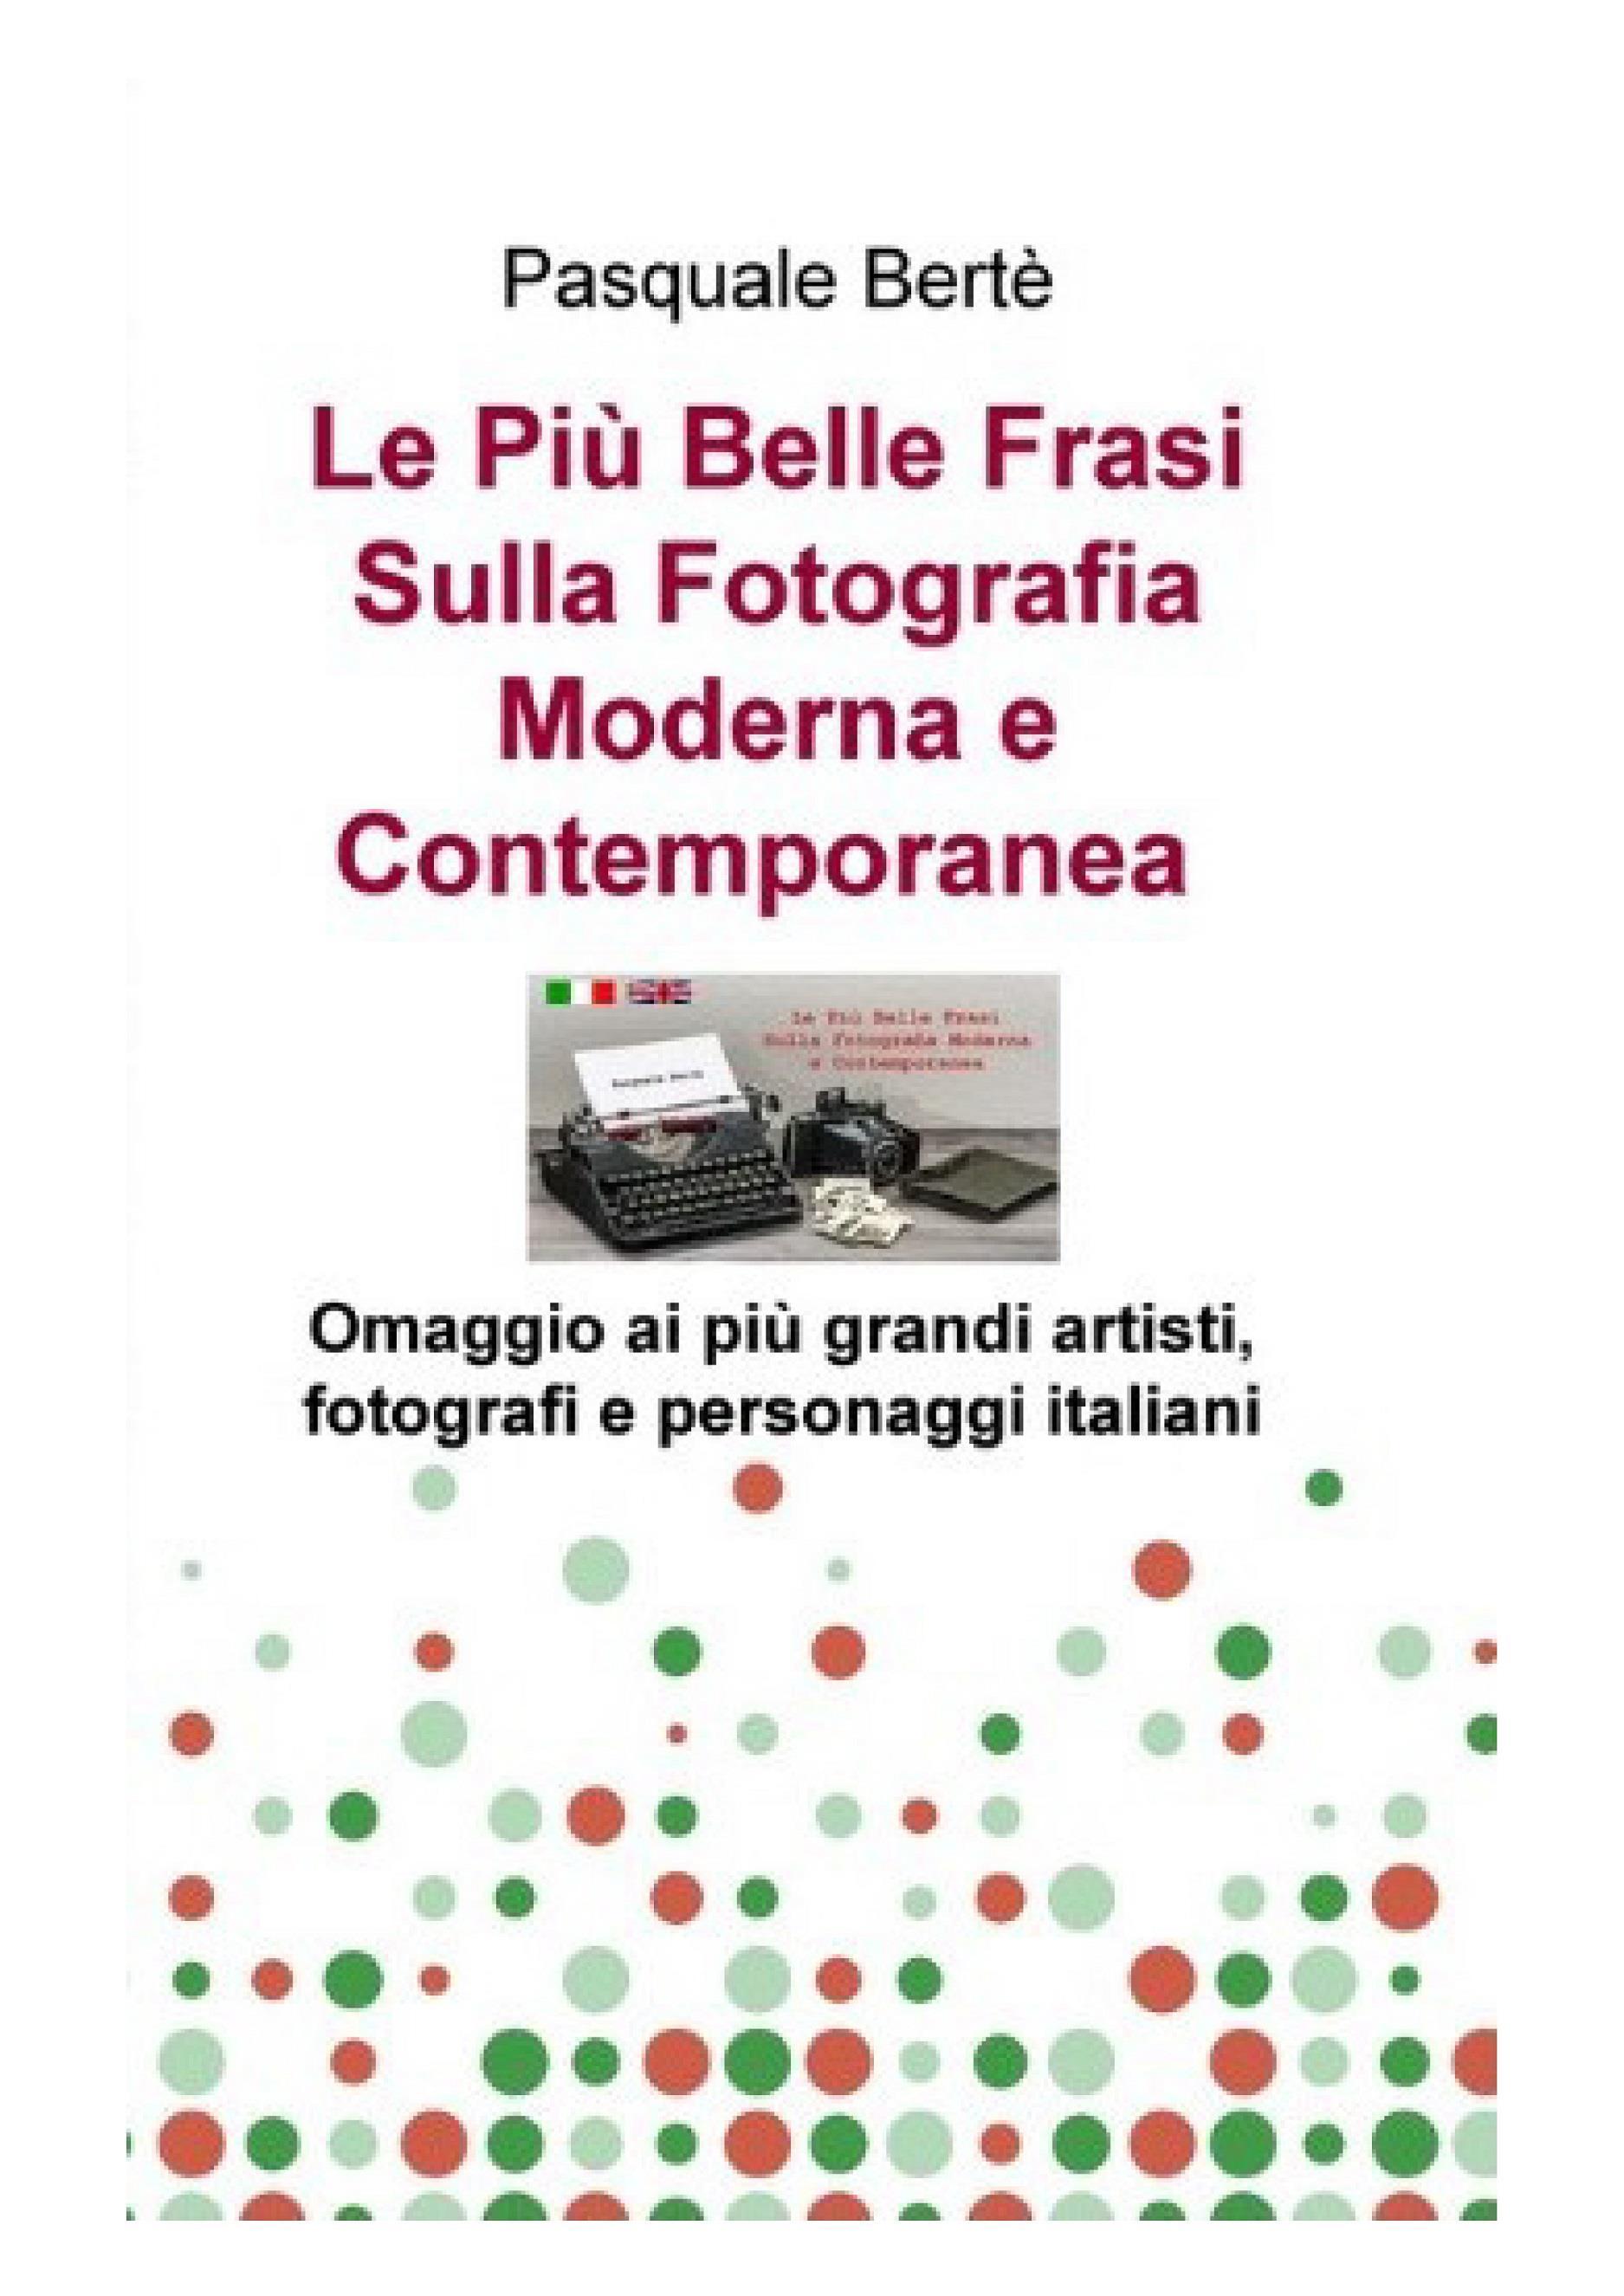 Le Più Belle Frasi Sulla Fotografia Moderna e Contemporanea - Omaggio ai più grandi fotografi, artisti e  personaggi italiani